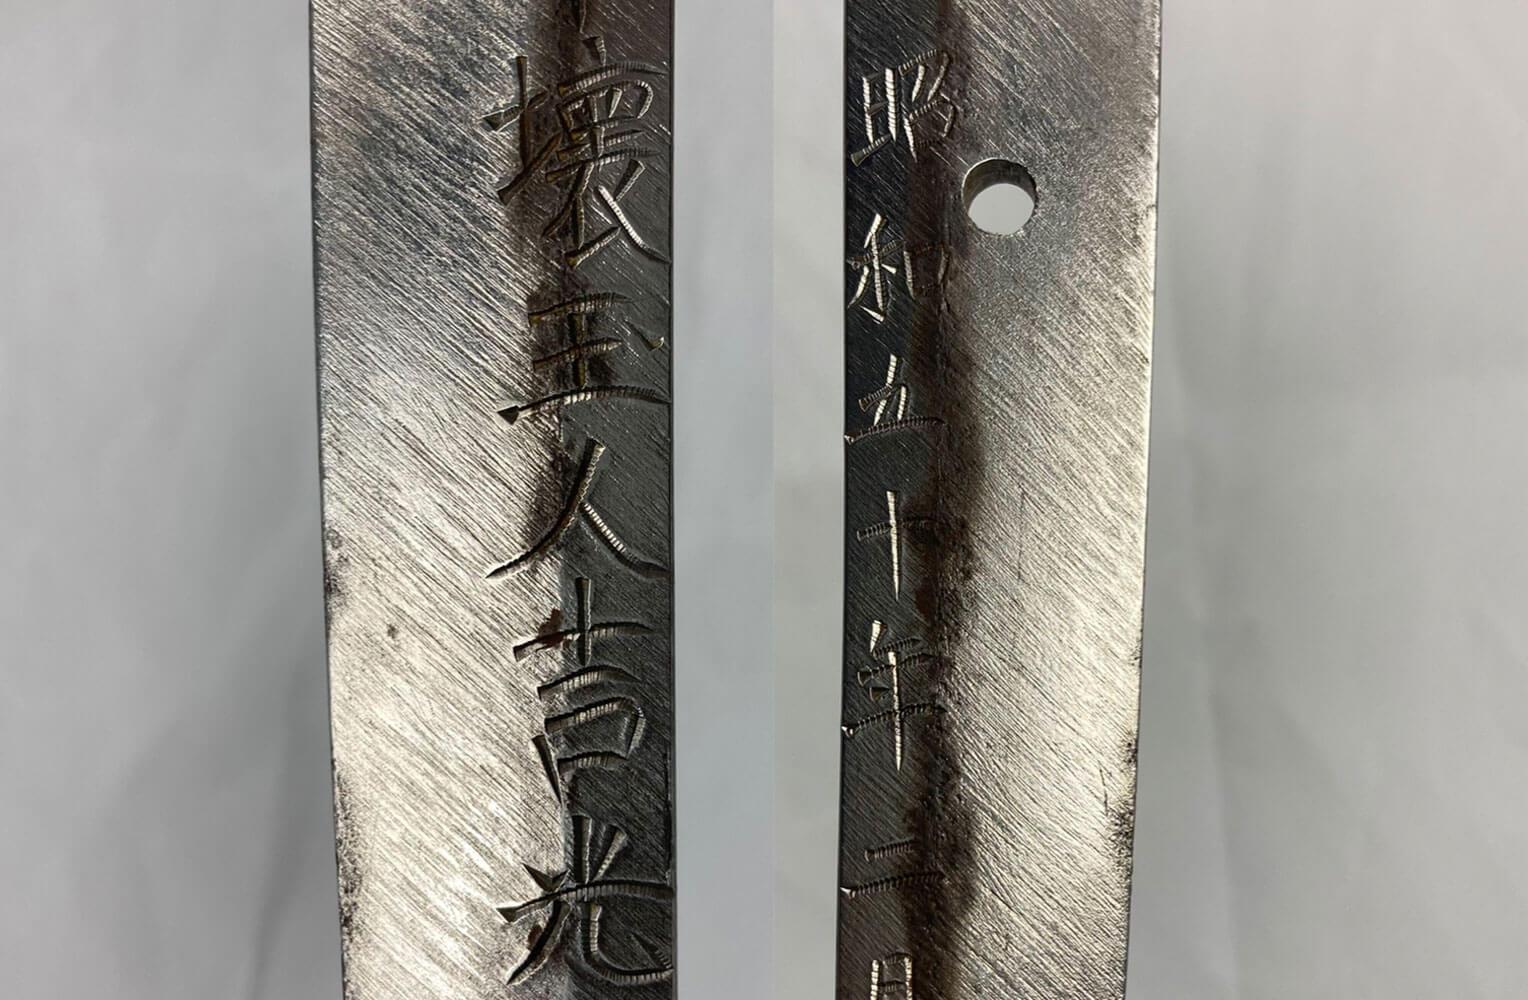 現代刀 銘『不壊玉人吉光 昭和五十年二月日』 商品アップ画像